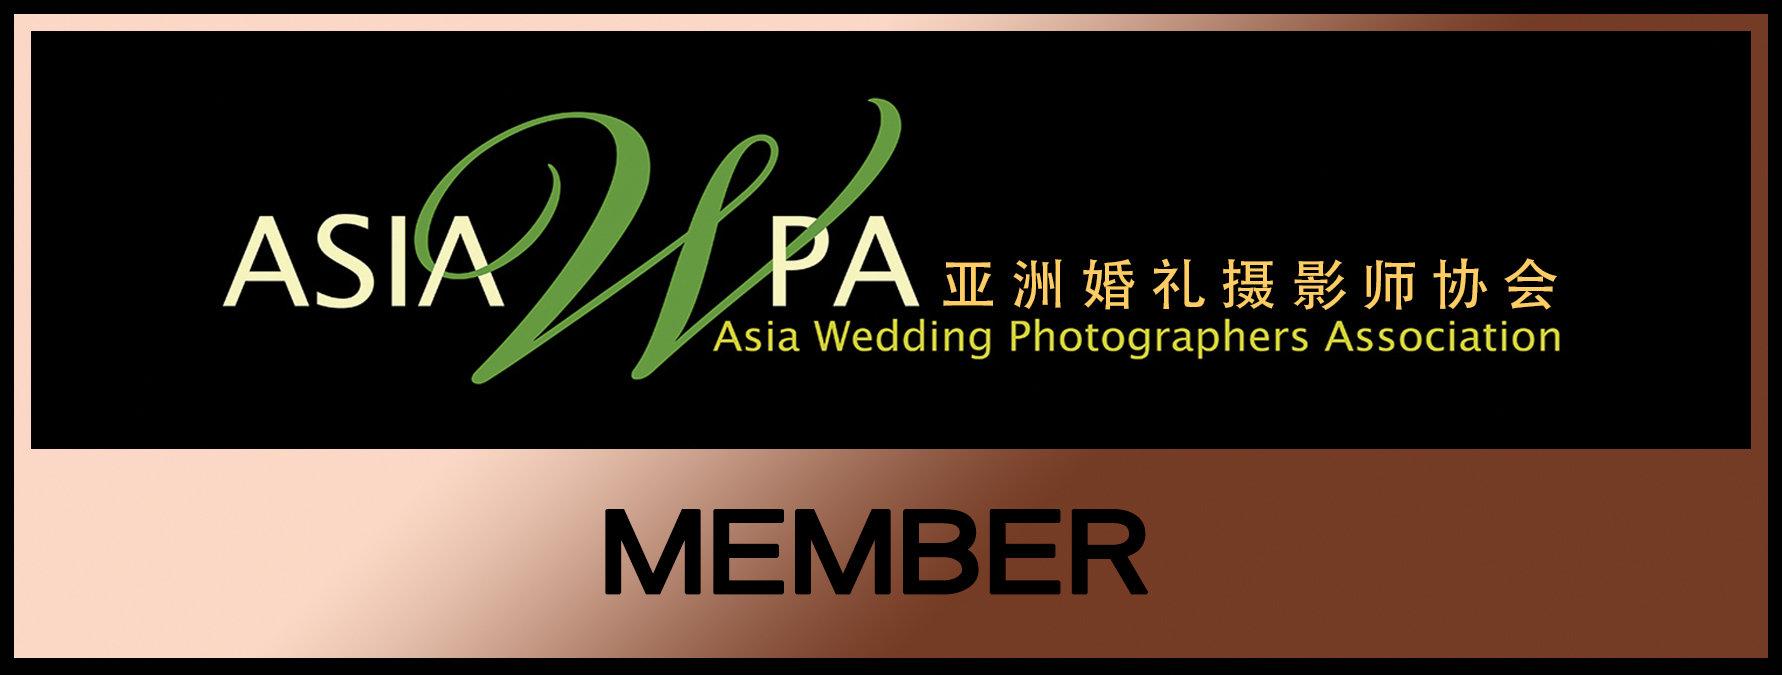 Asia WPA Logo.jpg